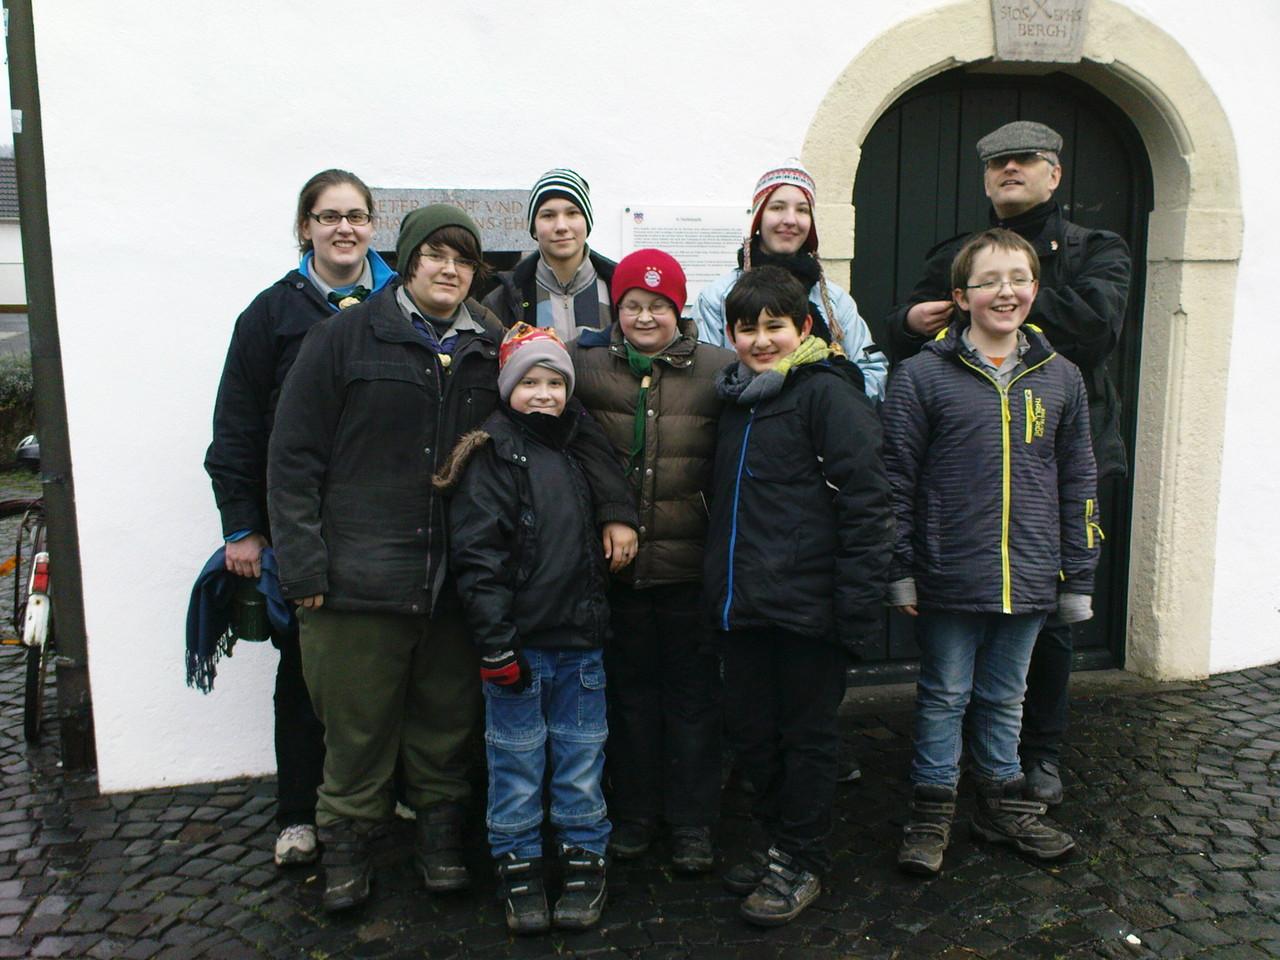 Waldweihnacht in Bad Honnef 2013